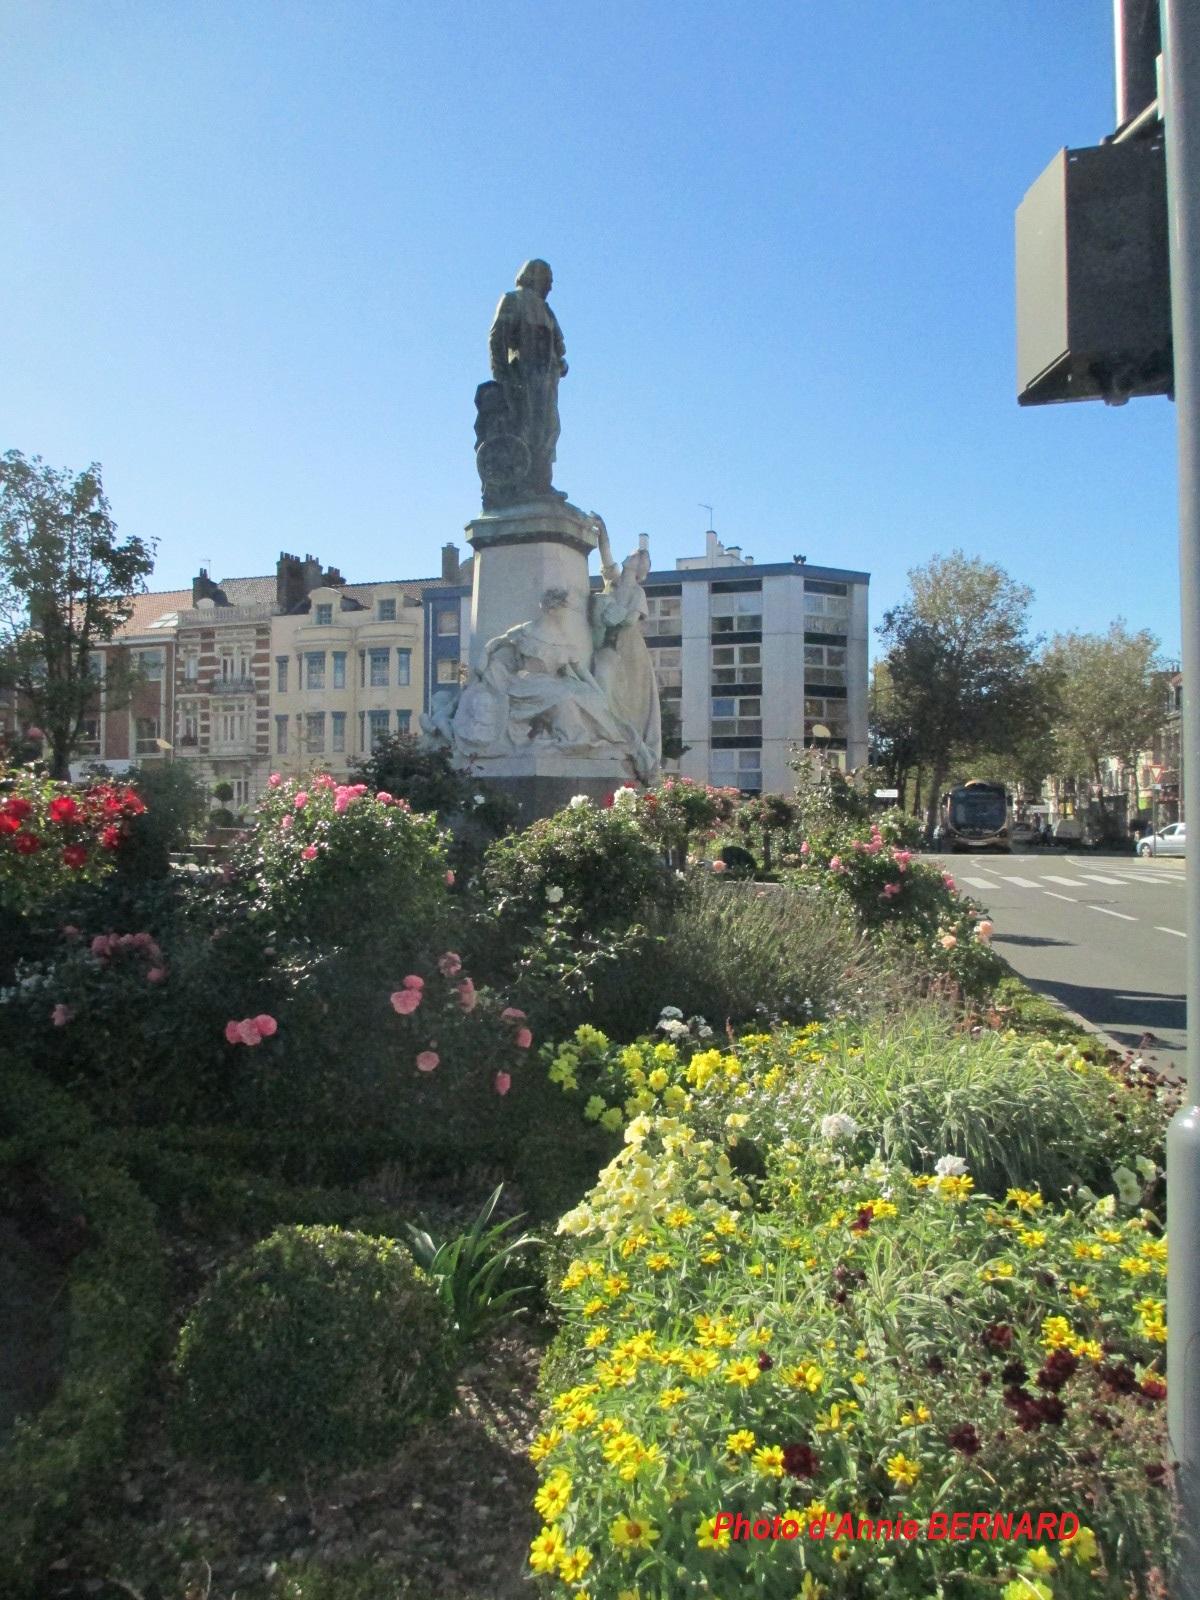 La statue de Jacquard devant le théâtre